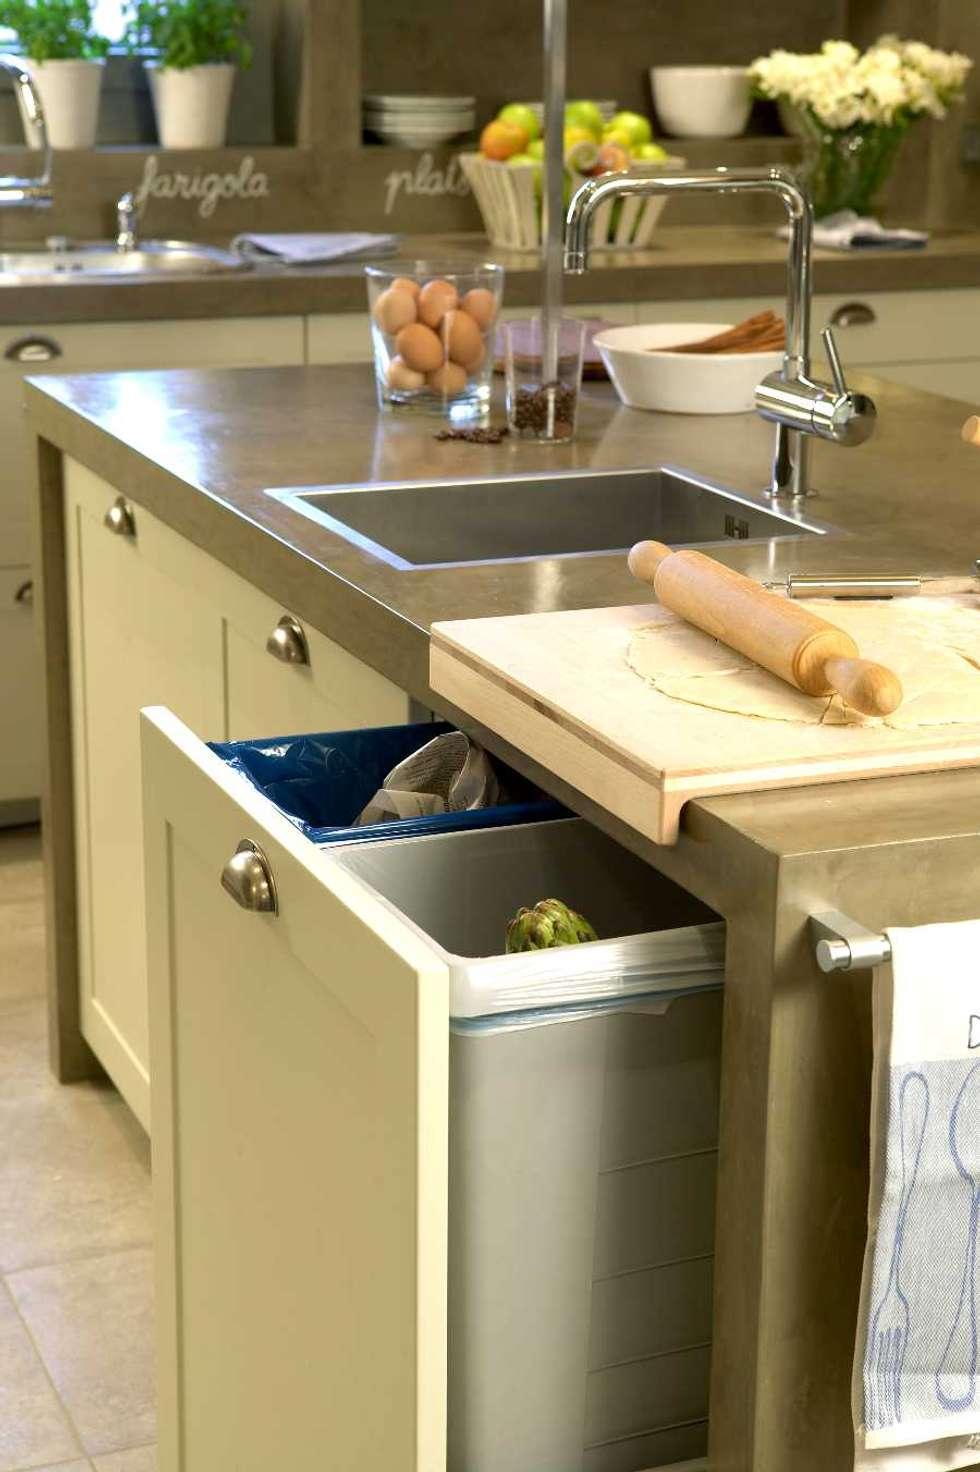 Fotos de decoraci n y dise o de interiores homify for Cubos de basura cocina